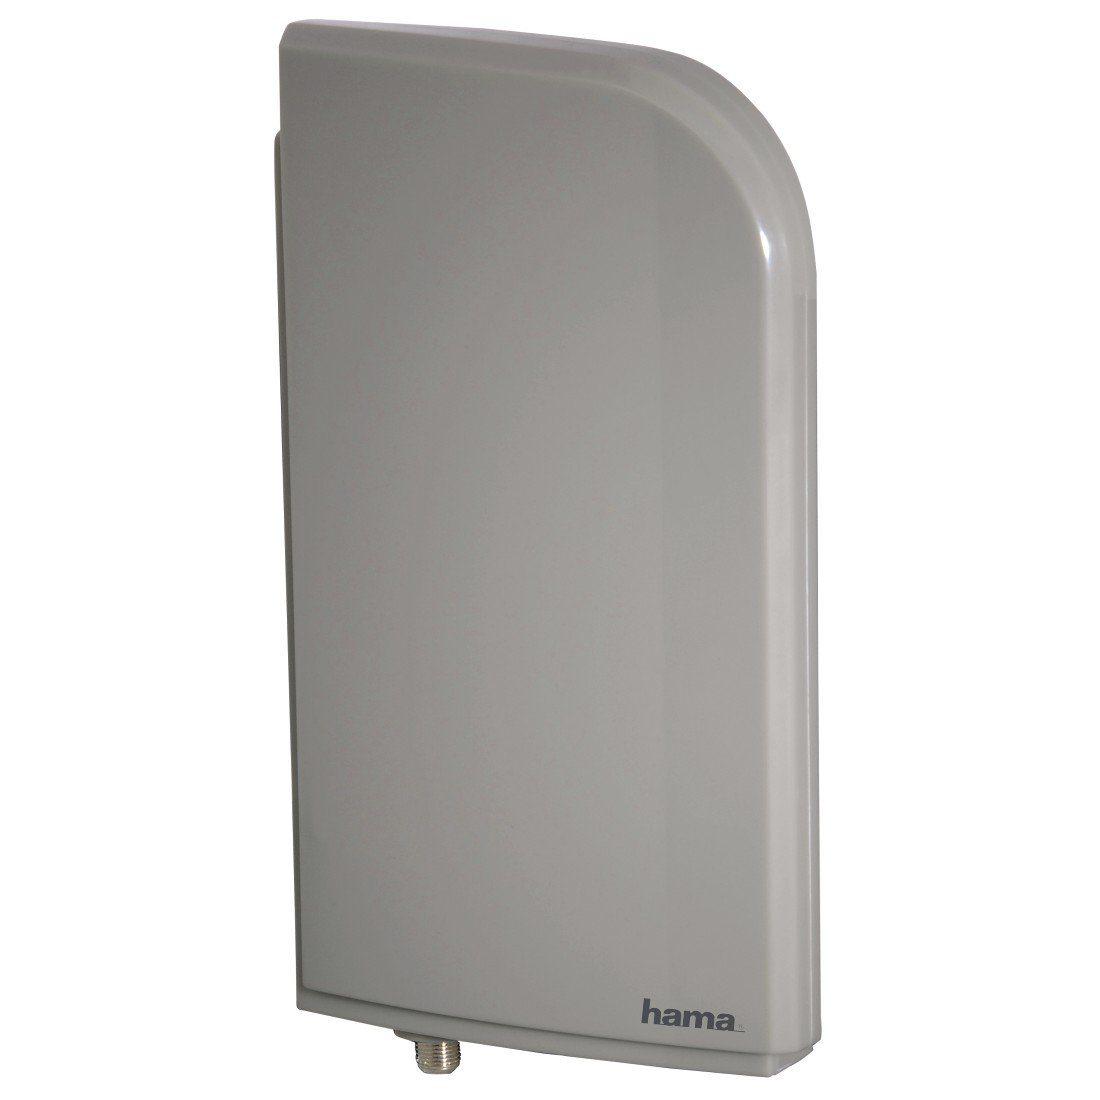 Hama DVB-T2 Zimmerantenne Outdoor, 20 dB Verstärkung »für TV und Radio«